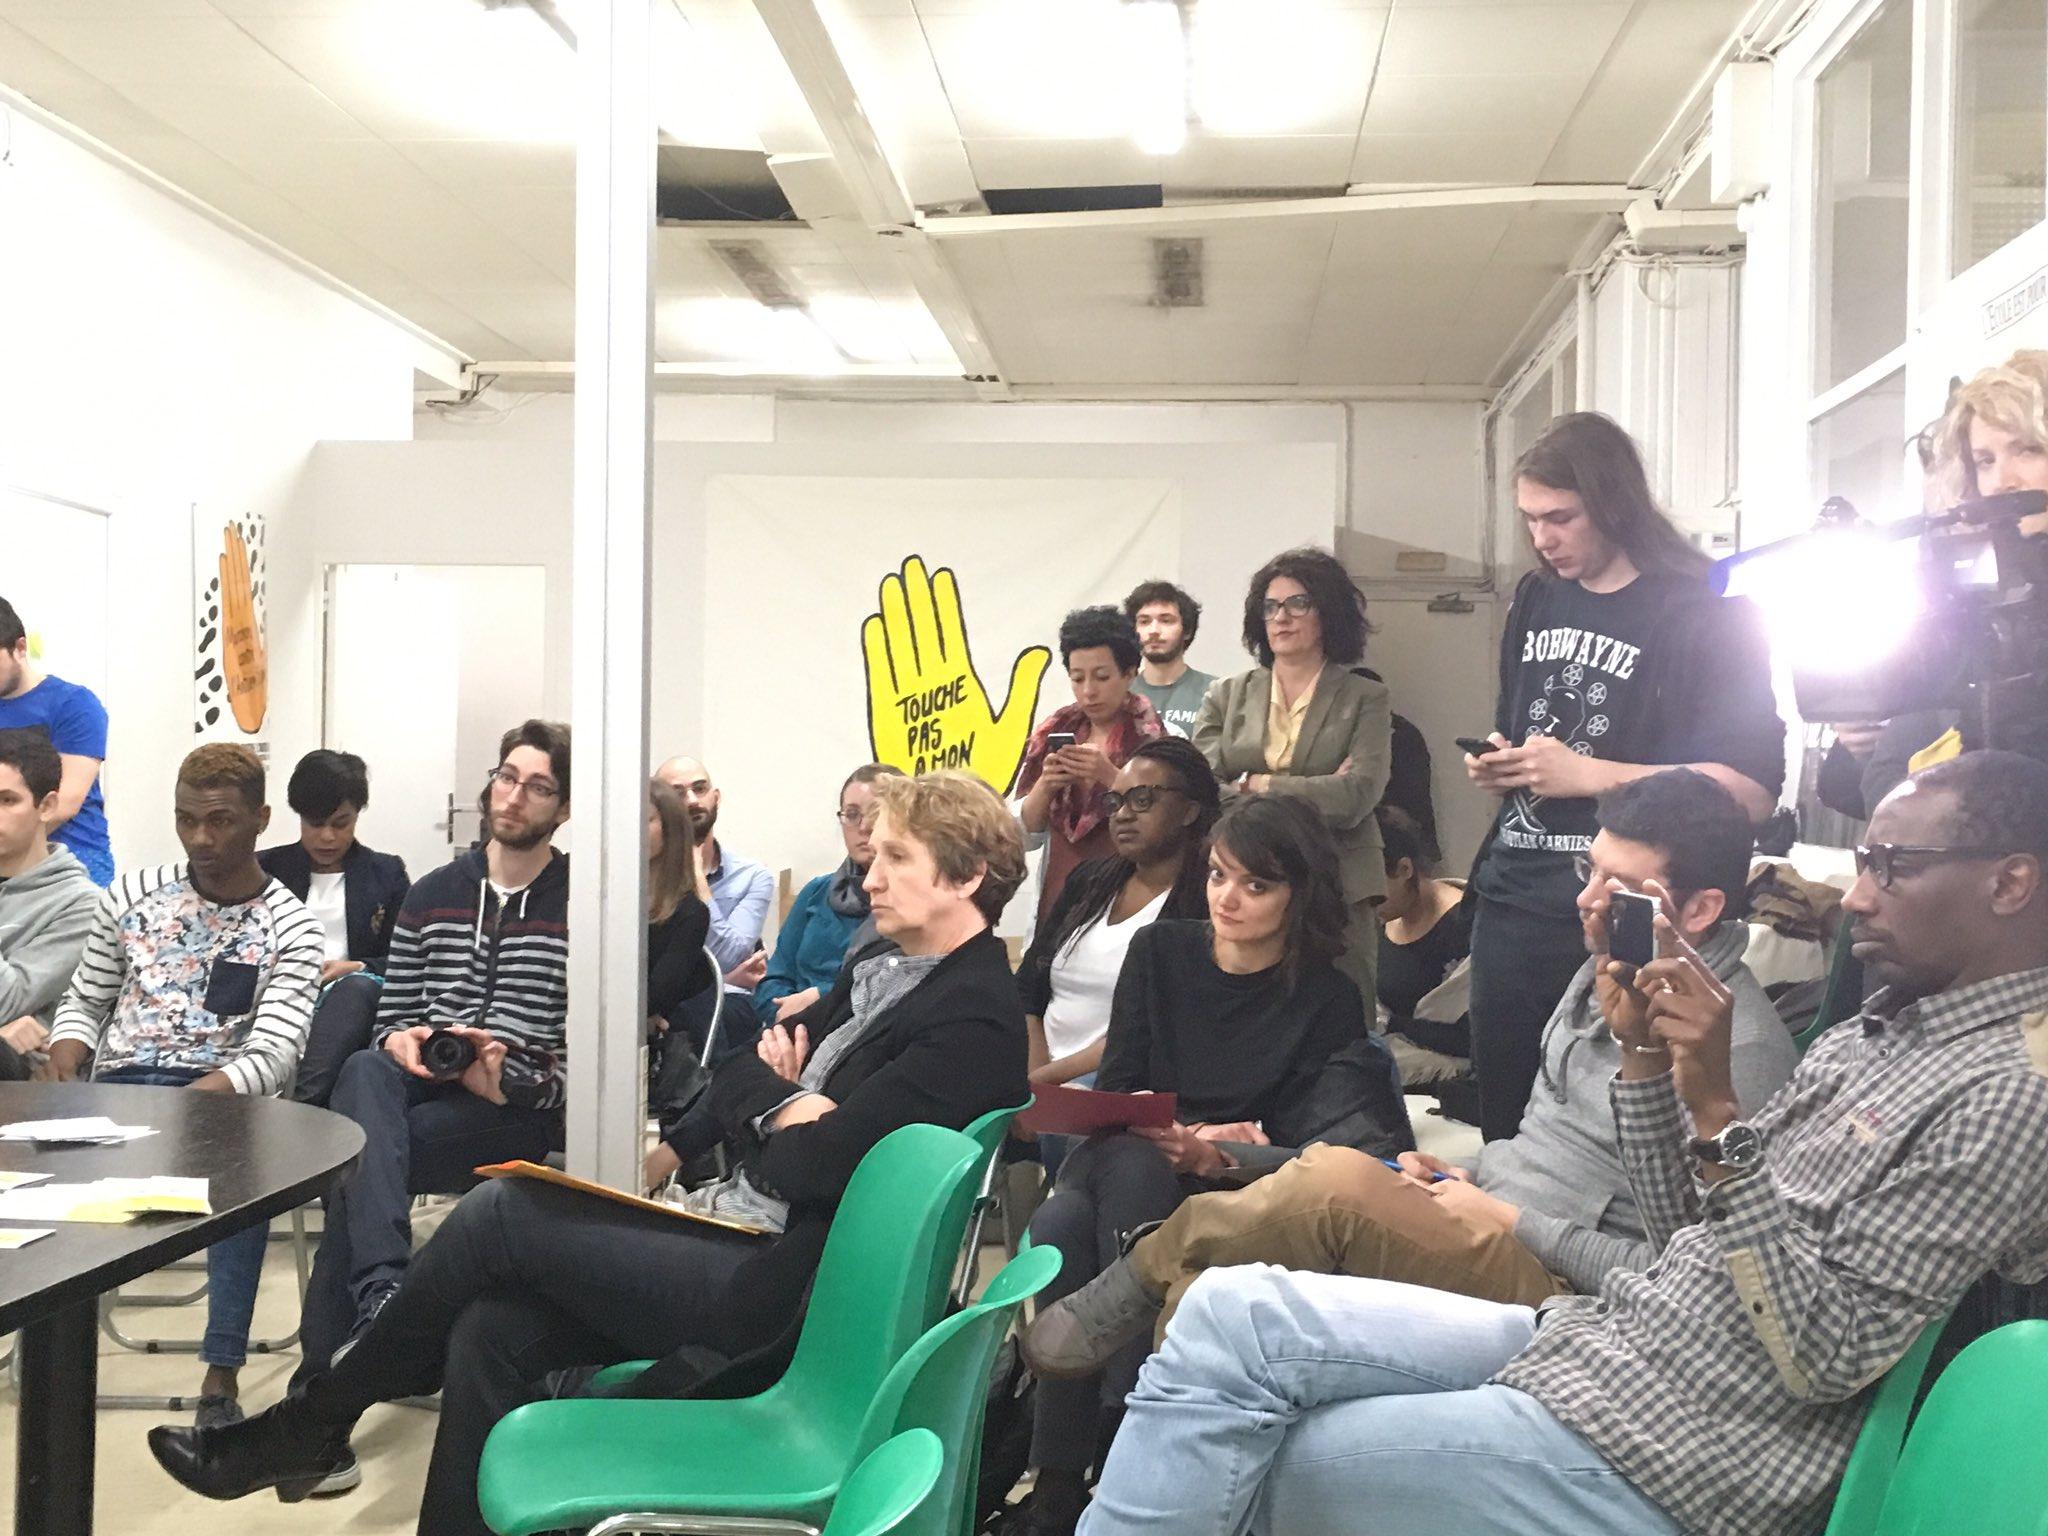 Plusieurs médias sont présents aujourd'hui au siège de l'association pour le lancement officiel de #Onestpareil #ConférenceDePresse https://t.co/oekRZEtHNT